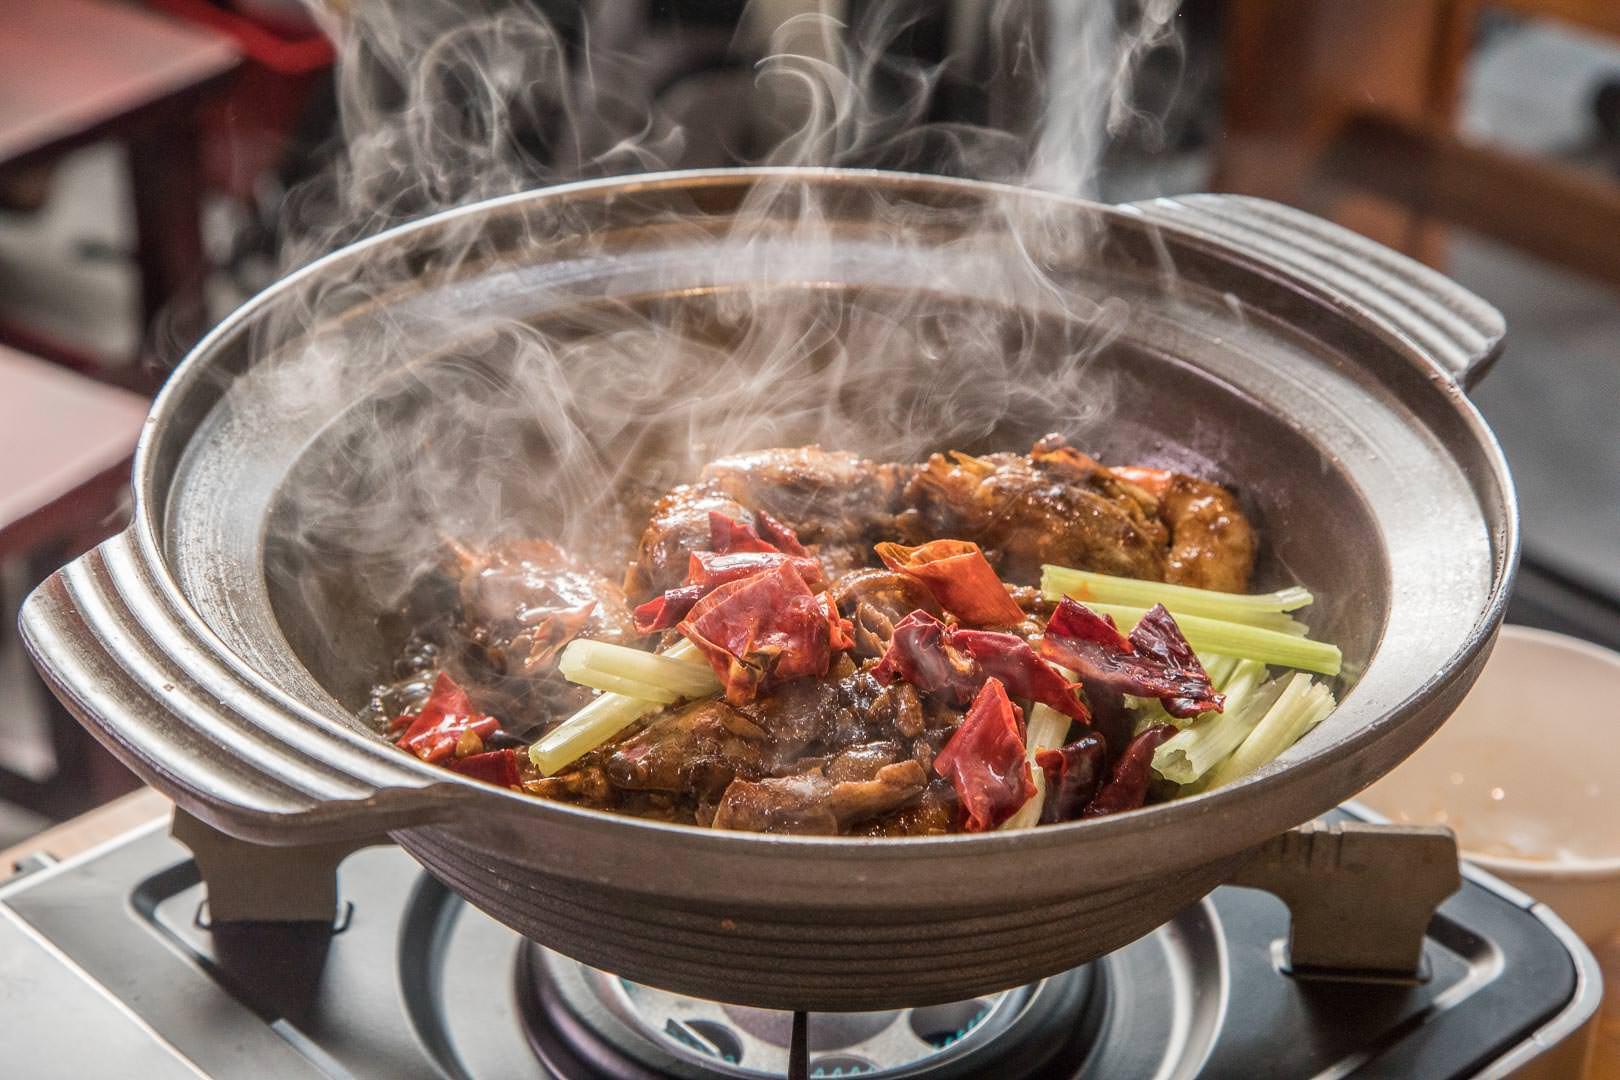 [桃園市]桃園活蝦料理推薦,堅持活體泰國蝦料理,口味多變百吃不厭!一品活蝦-桃園店